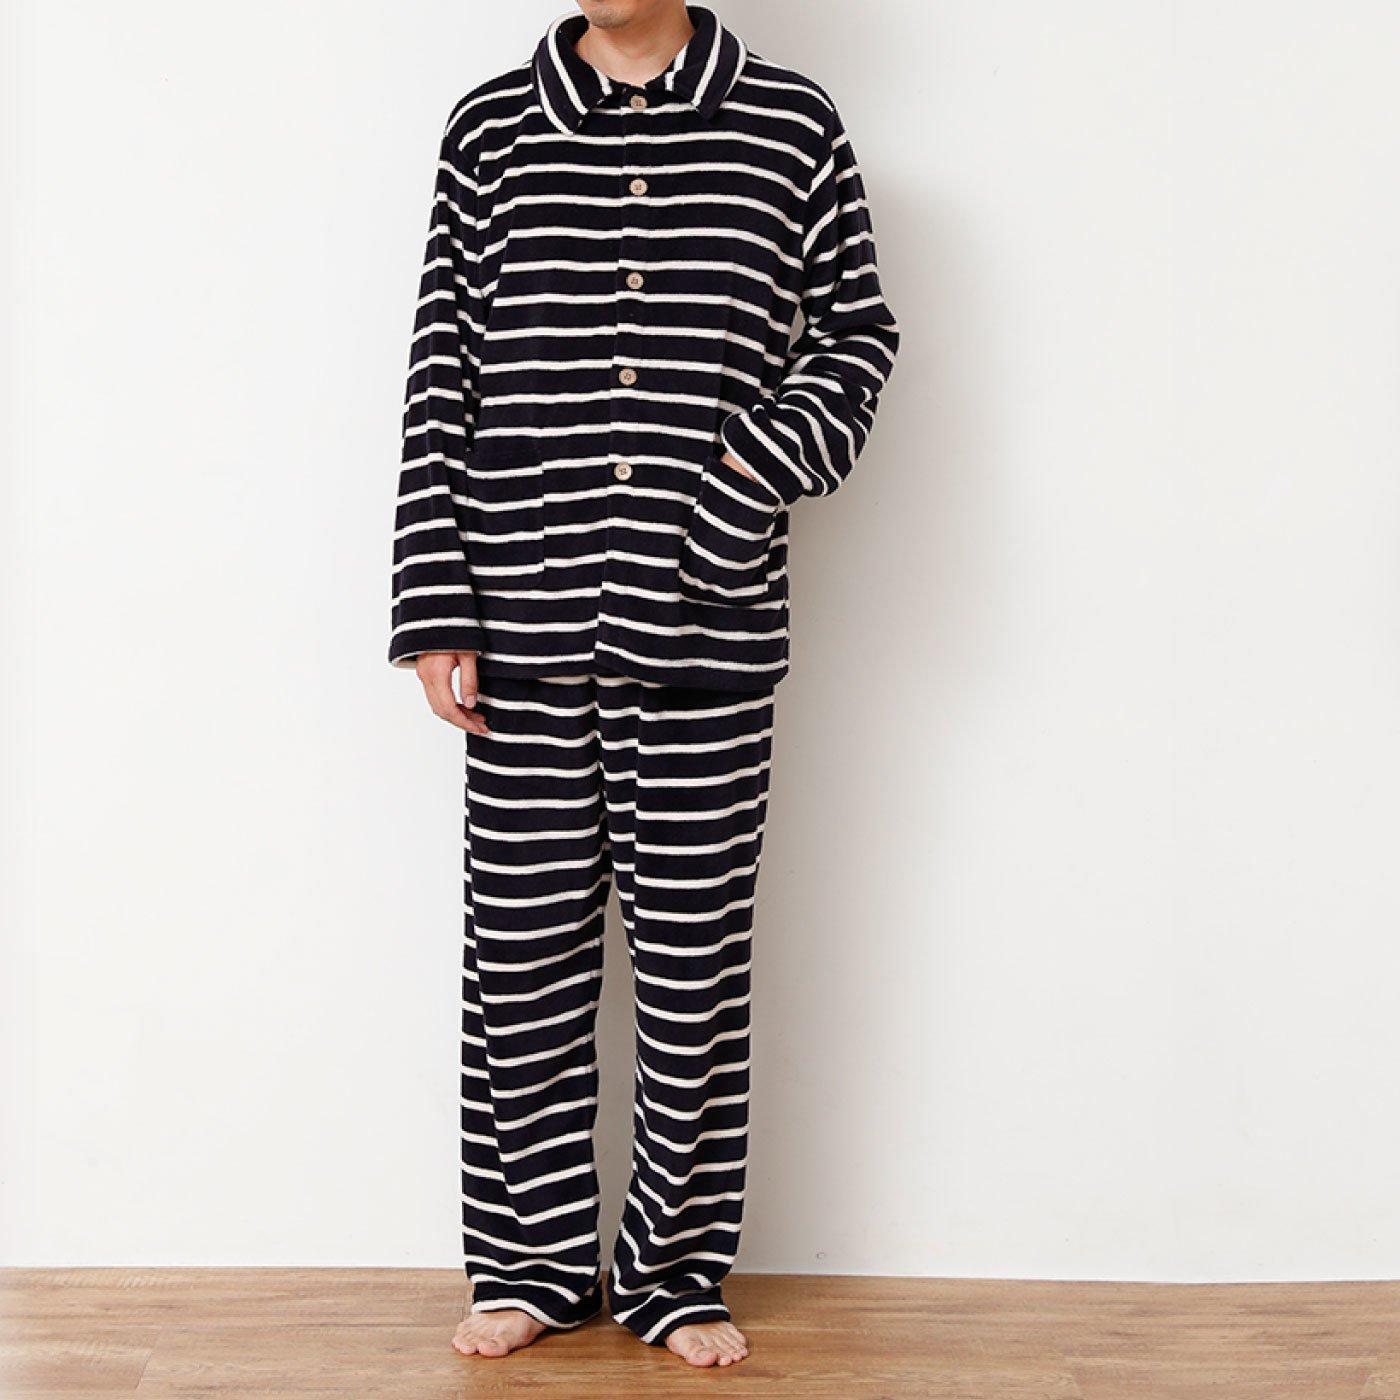 ふんわりあったかシャツパジャマ<メンズ>